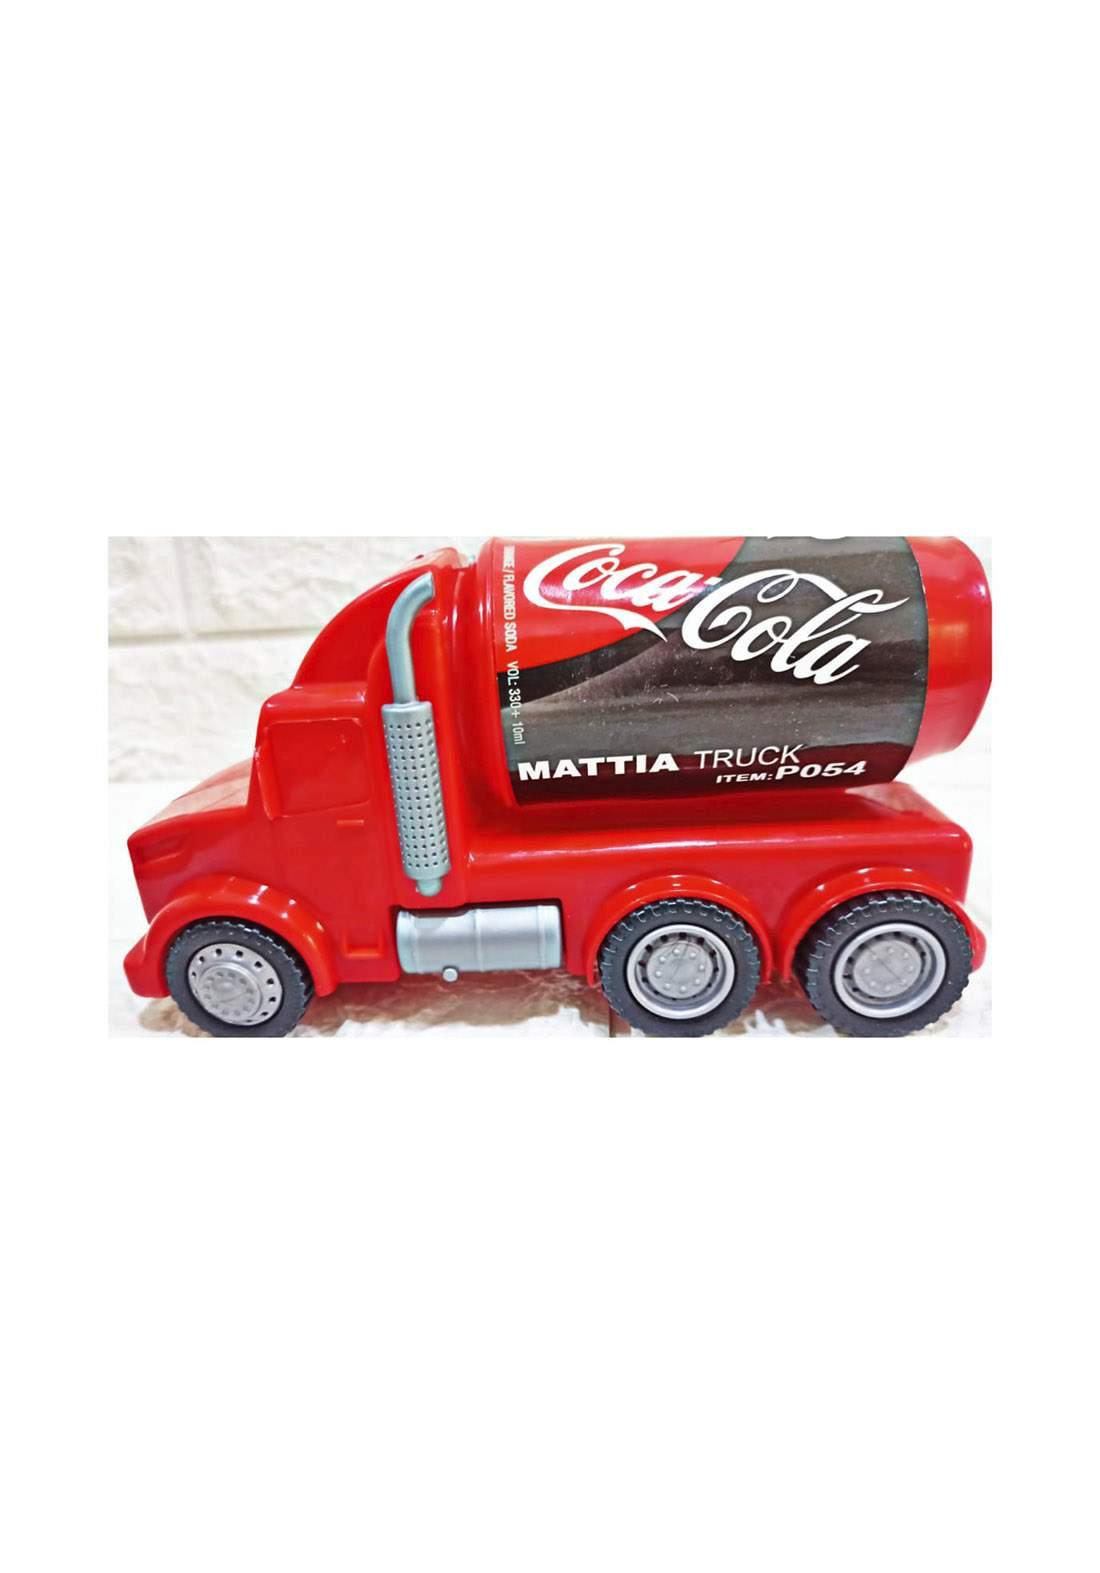 Coca Cola Mattia Truck p054 لعبة للأطفال